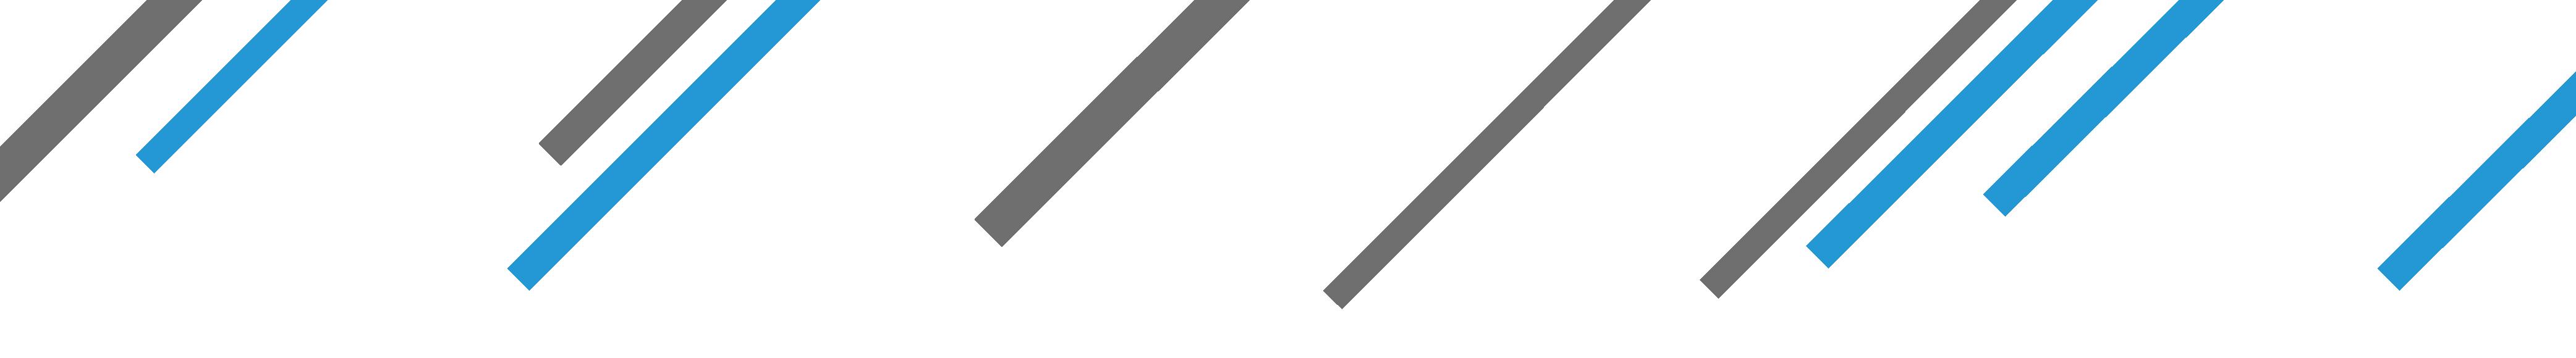 Image titre tablette